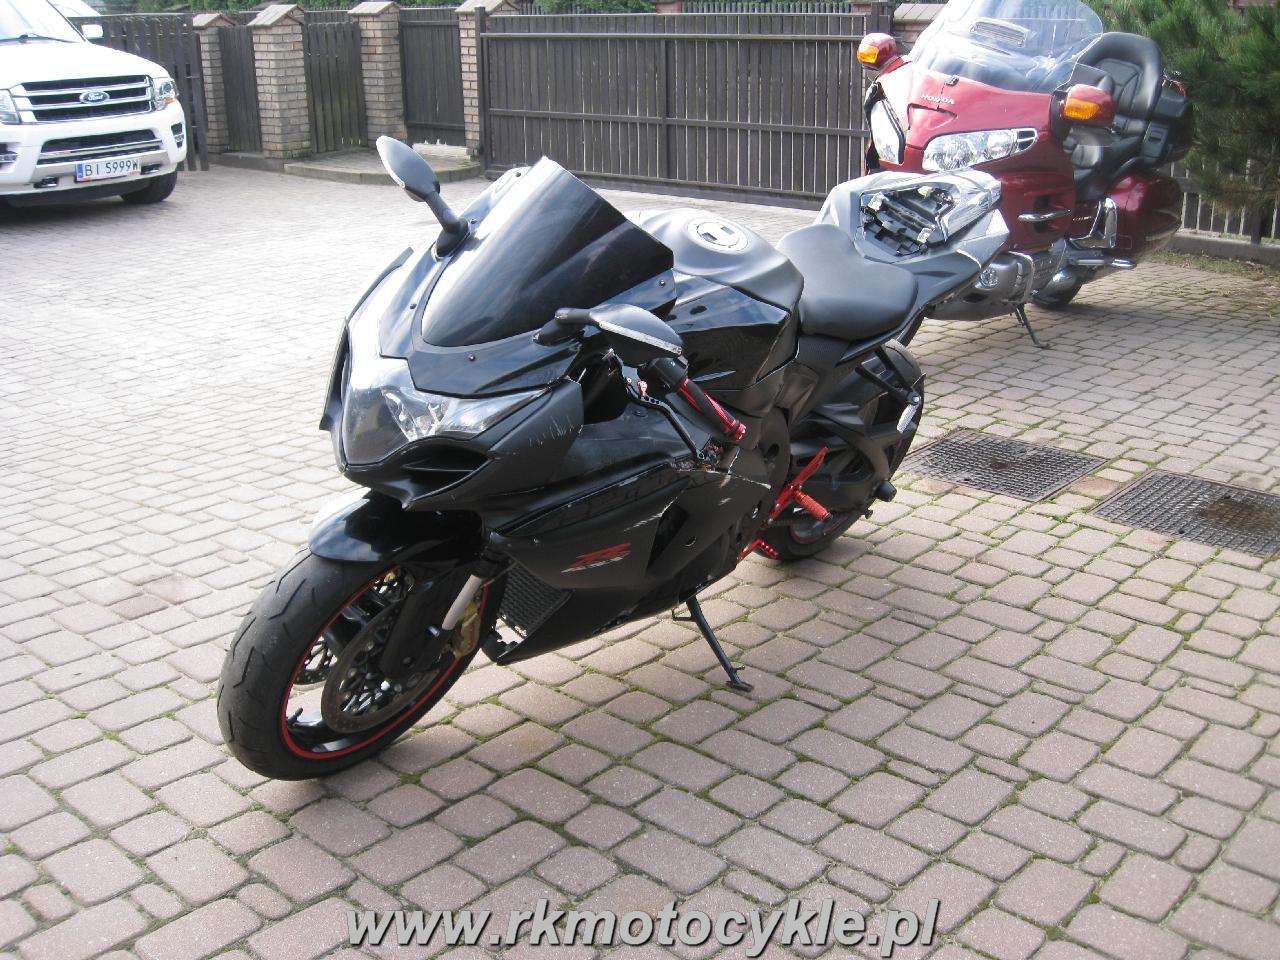 Brp Can Am >> RK MOTOCYKLE - SUZUKI GSXR 1000 L4 GSX-R 1000 K9 L0 L1 L2 ...